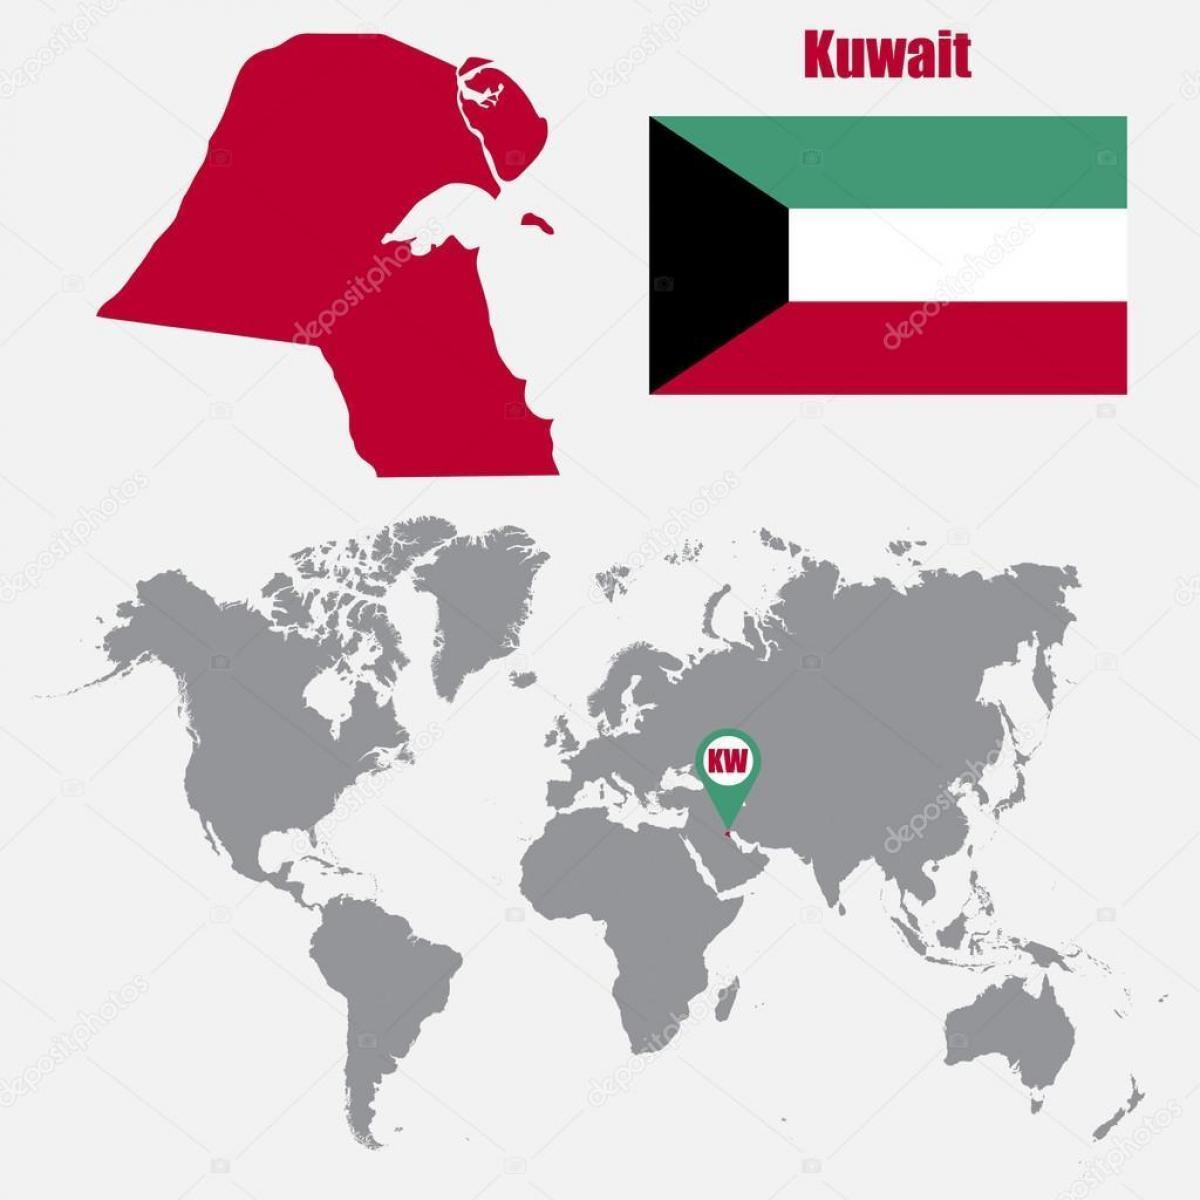 Kuwait-Standort auf Weltkarte - Karte von Kuwait in world ...